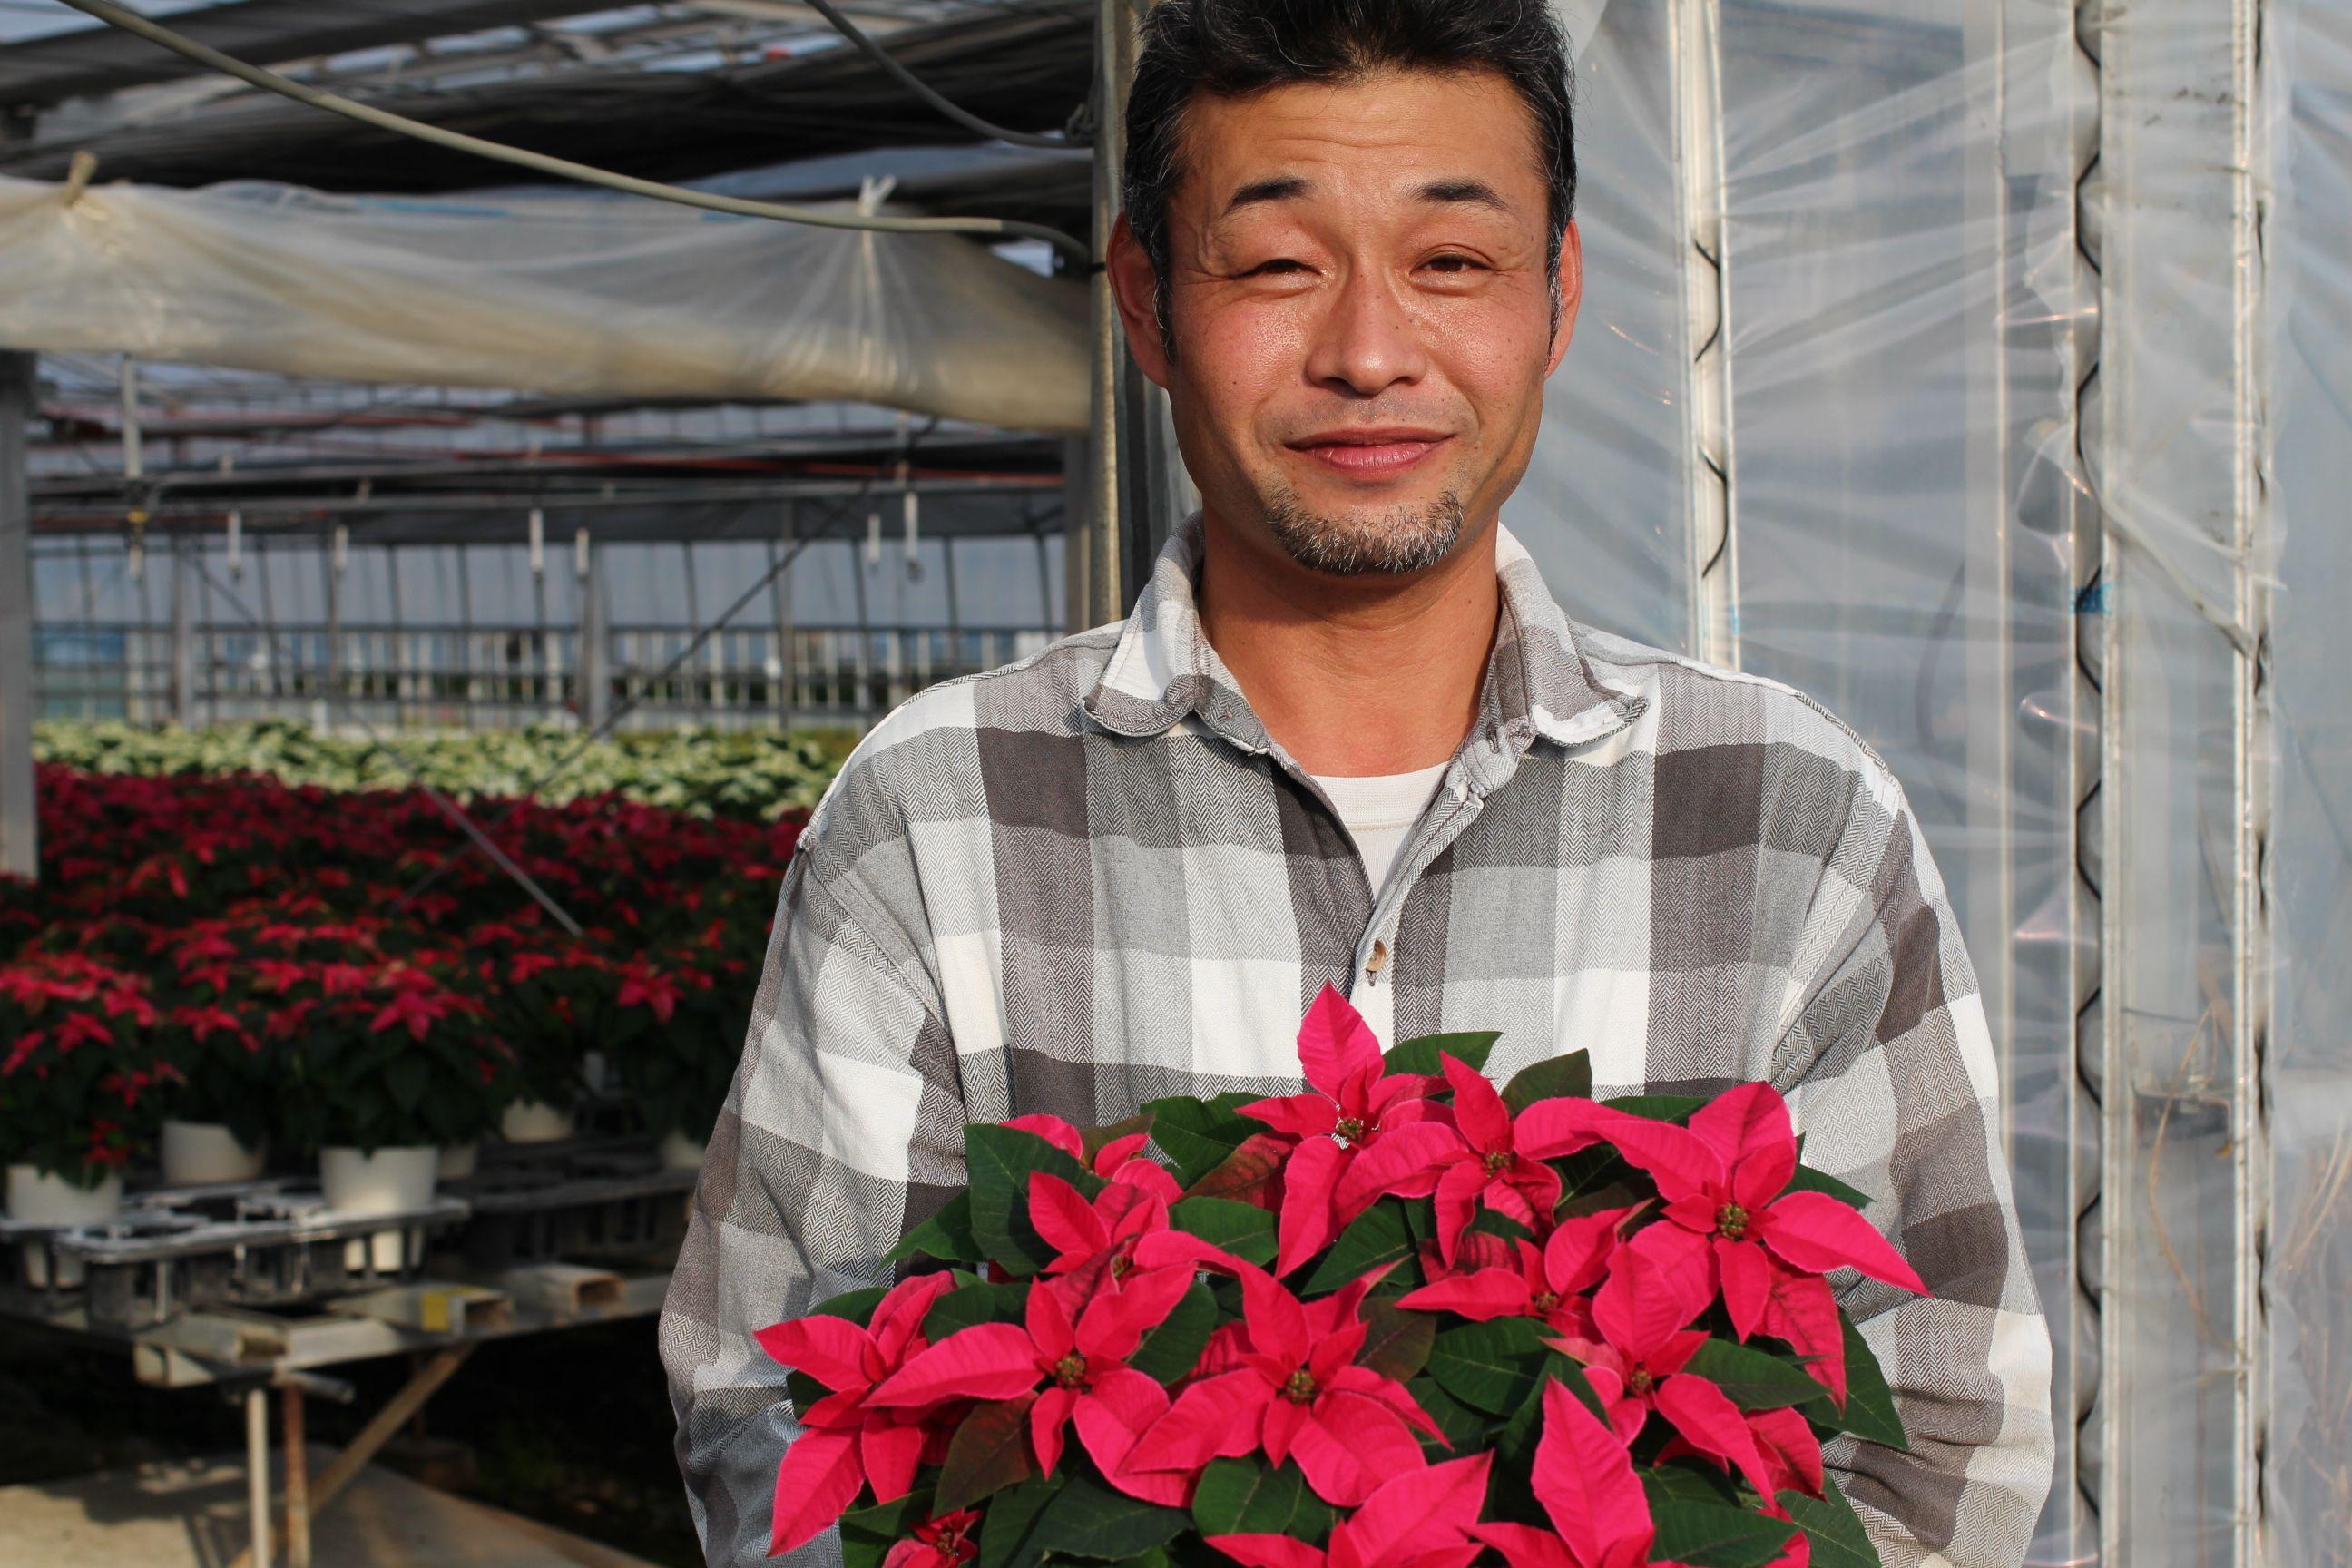 【ポインセチアのつくり手に聞く】マルコウ種苗萩原さん お花の生産者インタビュー ポインセチアの育て方